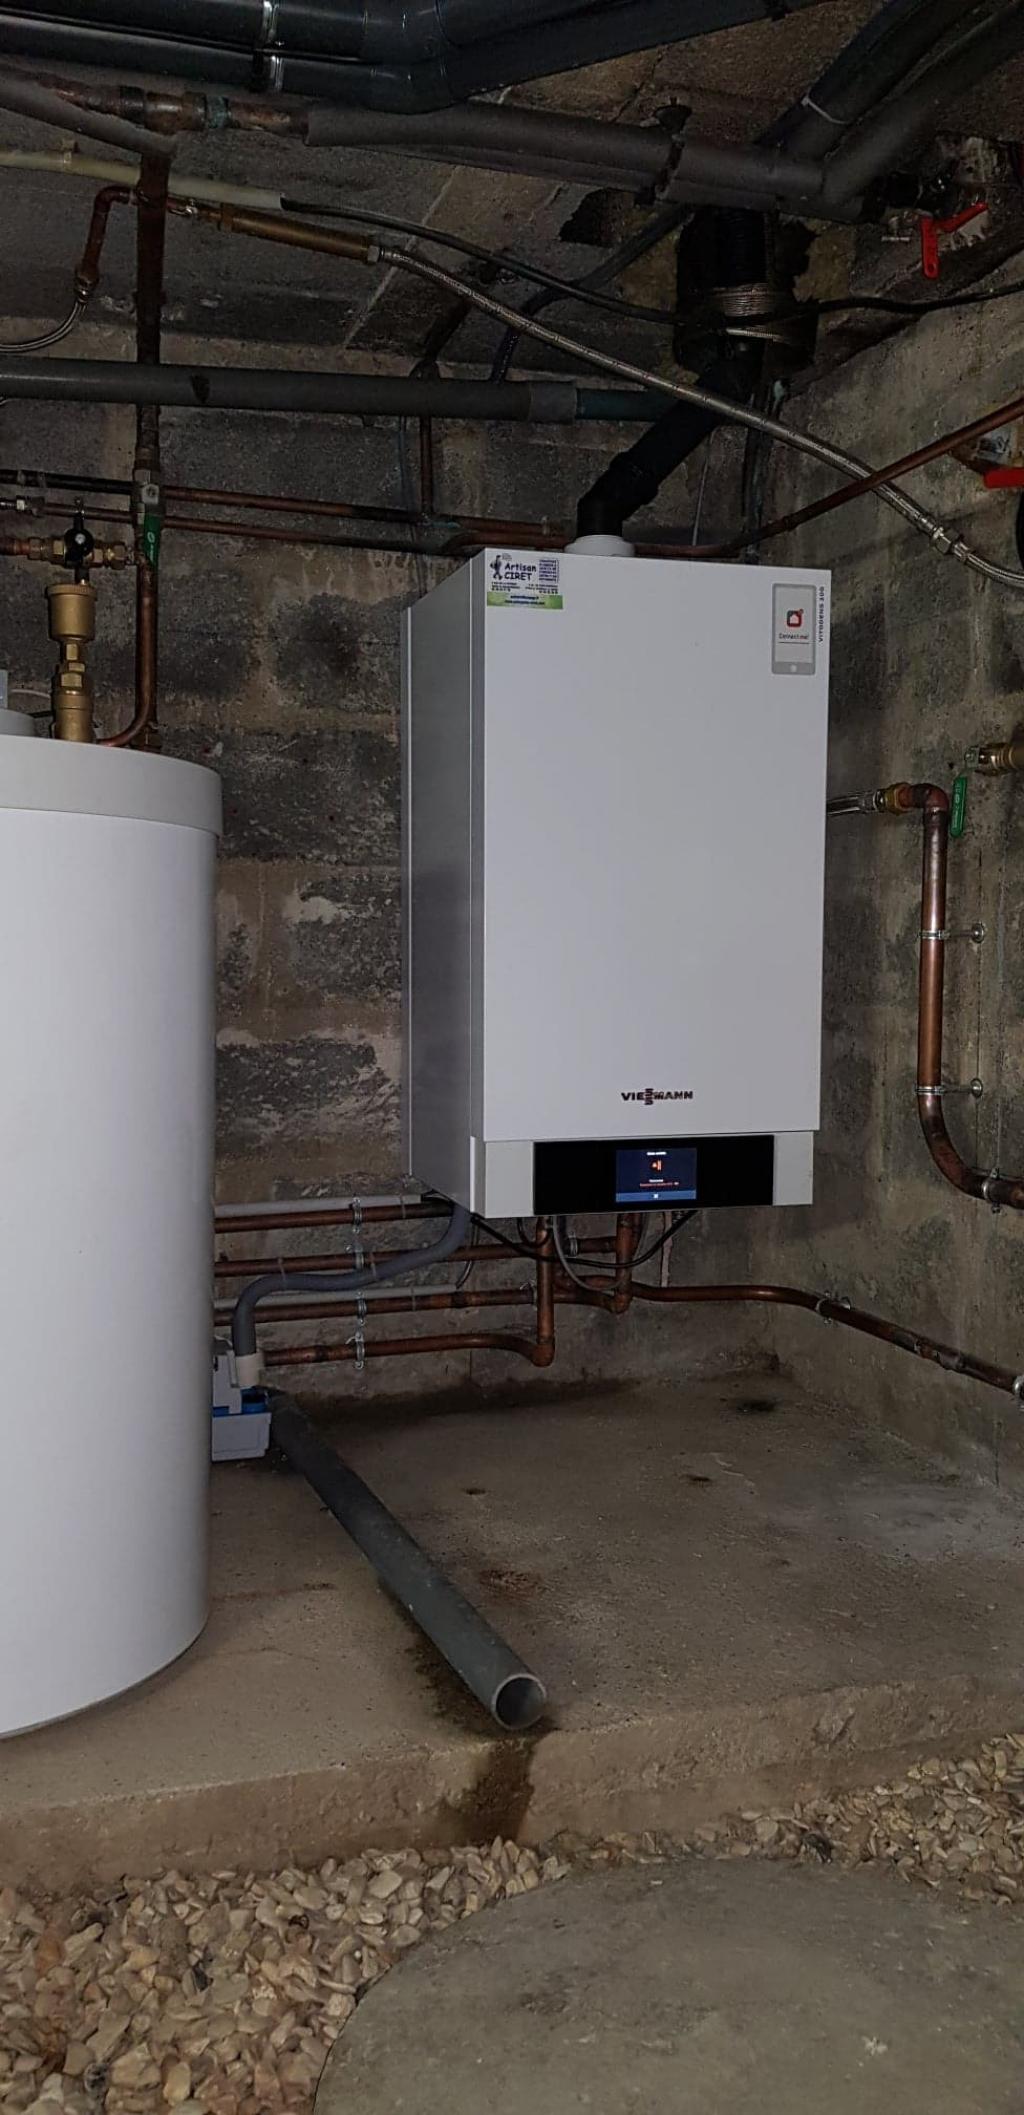 Installateur PROACTIF VIESSMANN : Installation de chaudière gaz à condensation à Le vaudoué proche de Fontainebleau 77123